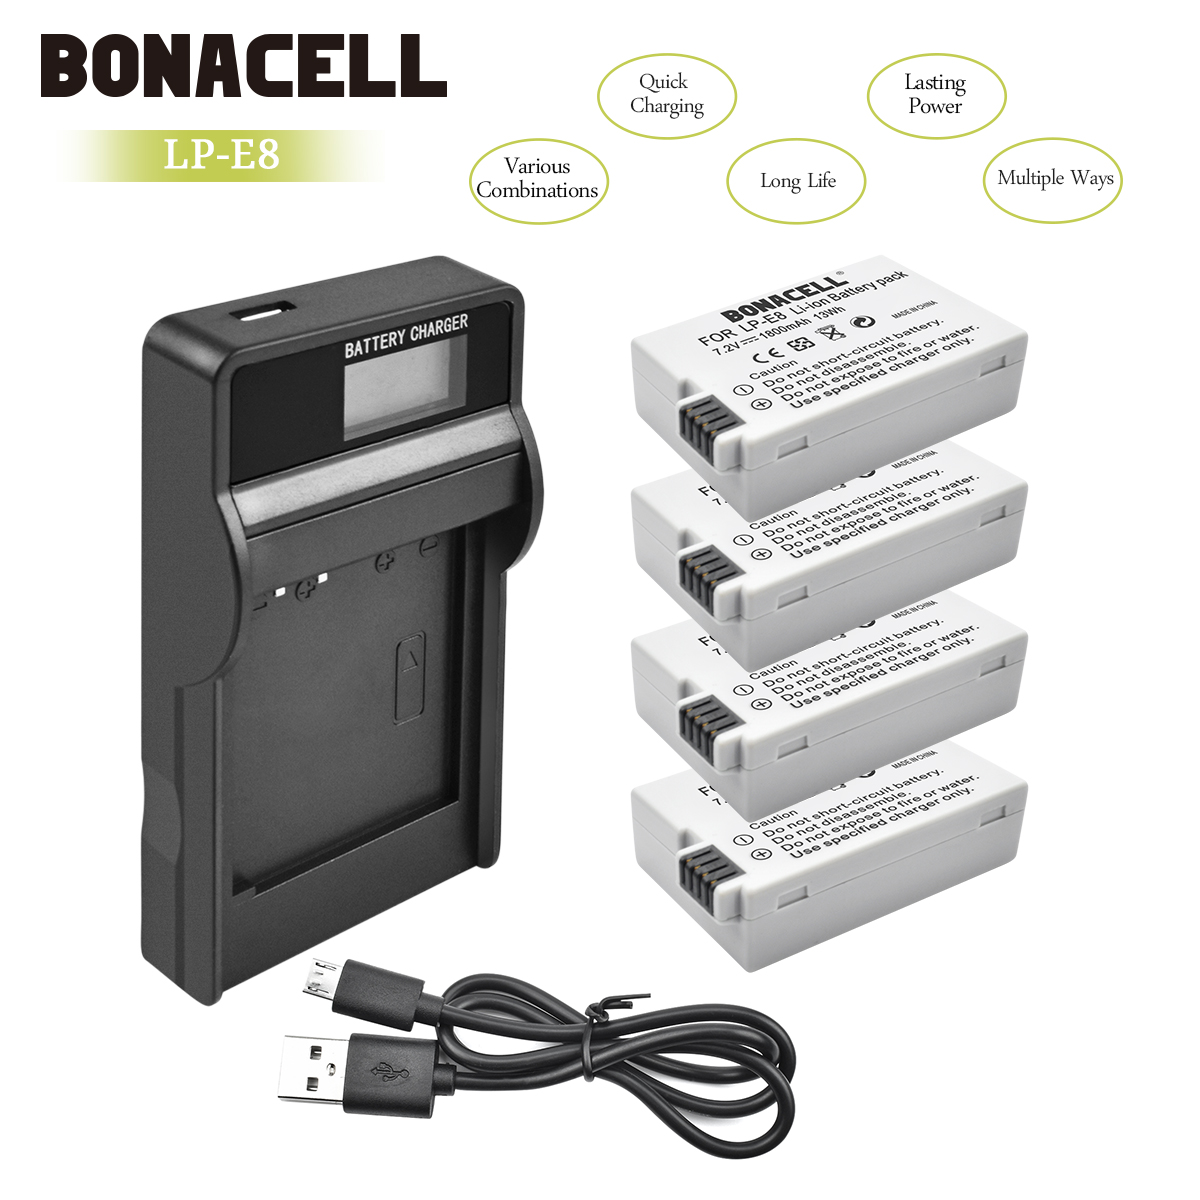 Bonacell LP-E8 LP E8 LPE8 Camera Battery+LCD Charger For Canon EOS 550D 600D 650D 700D Kiss X4 X5 X6i X7i Rebel T2i T3i T4i L10